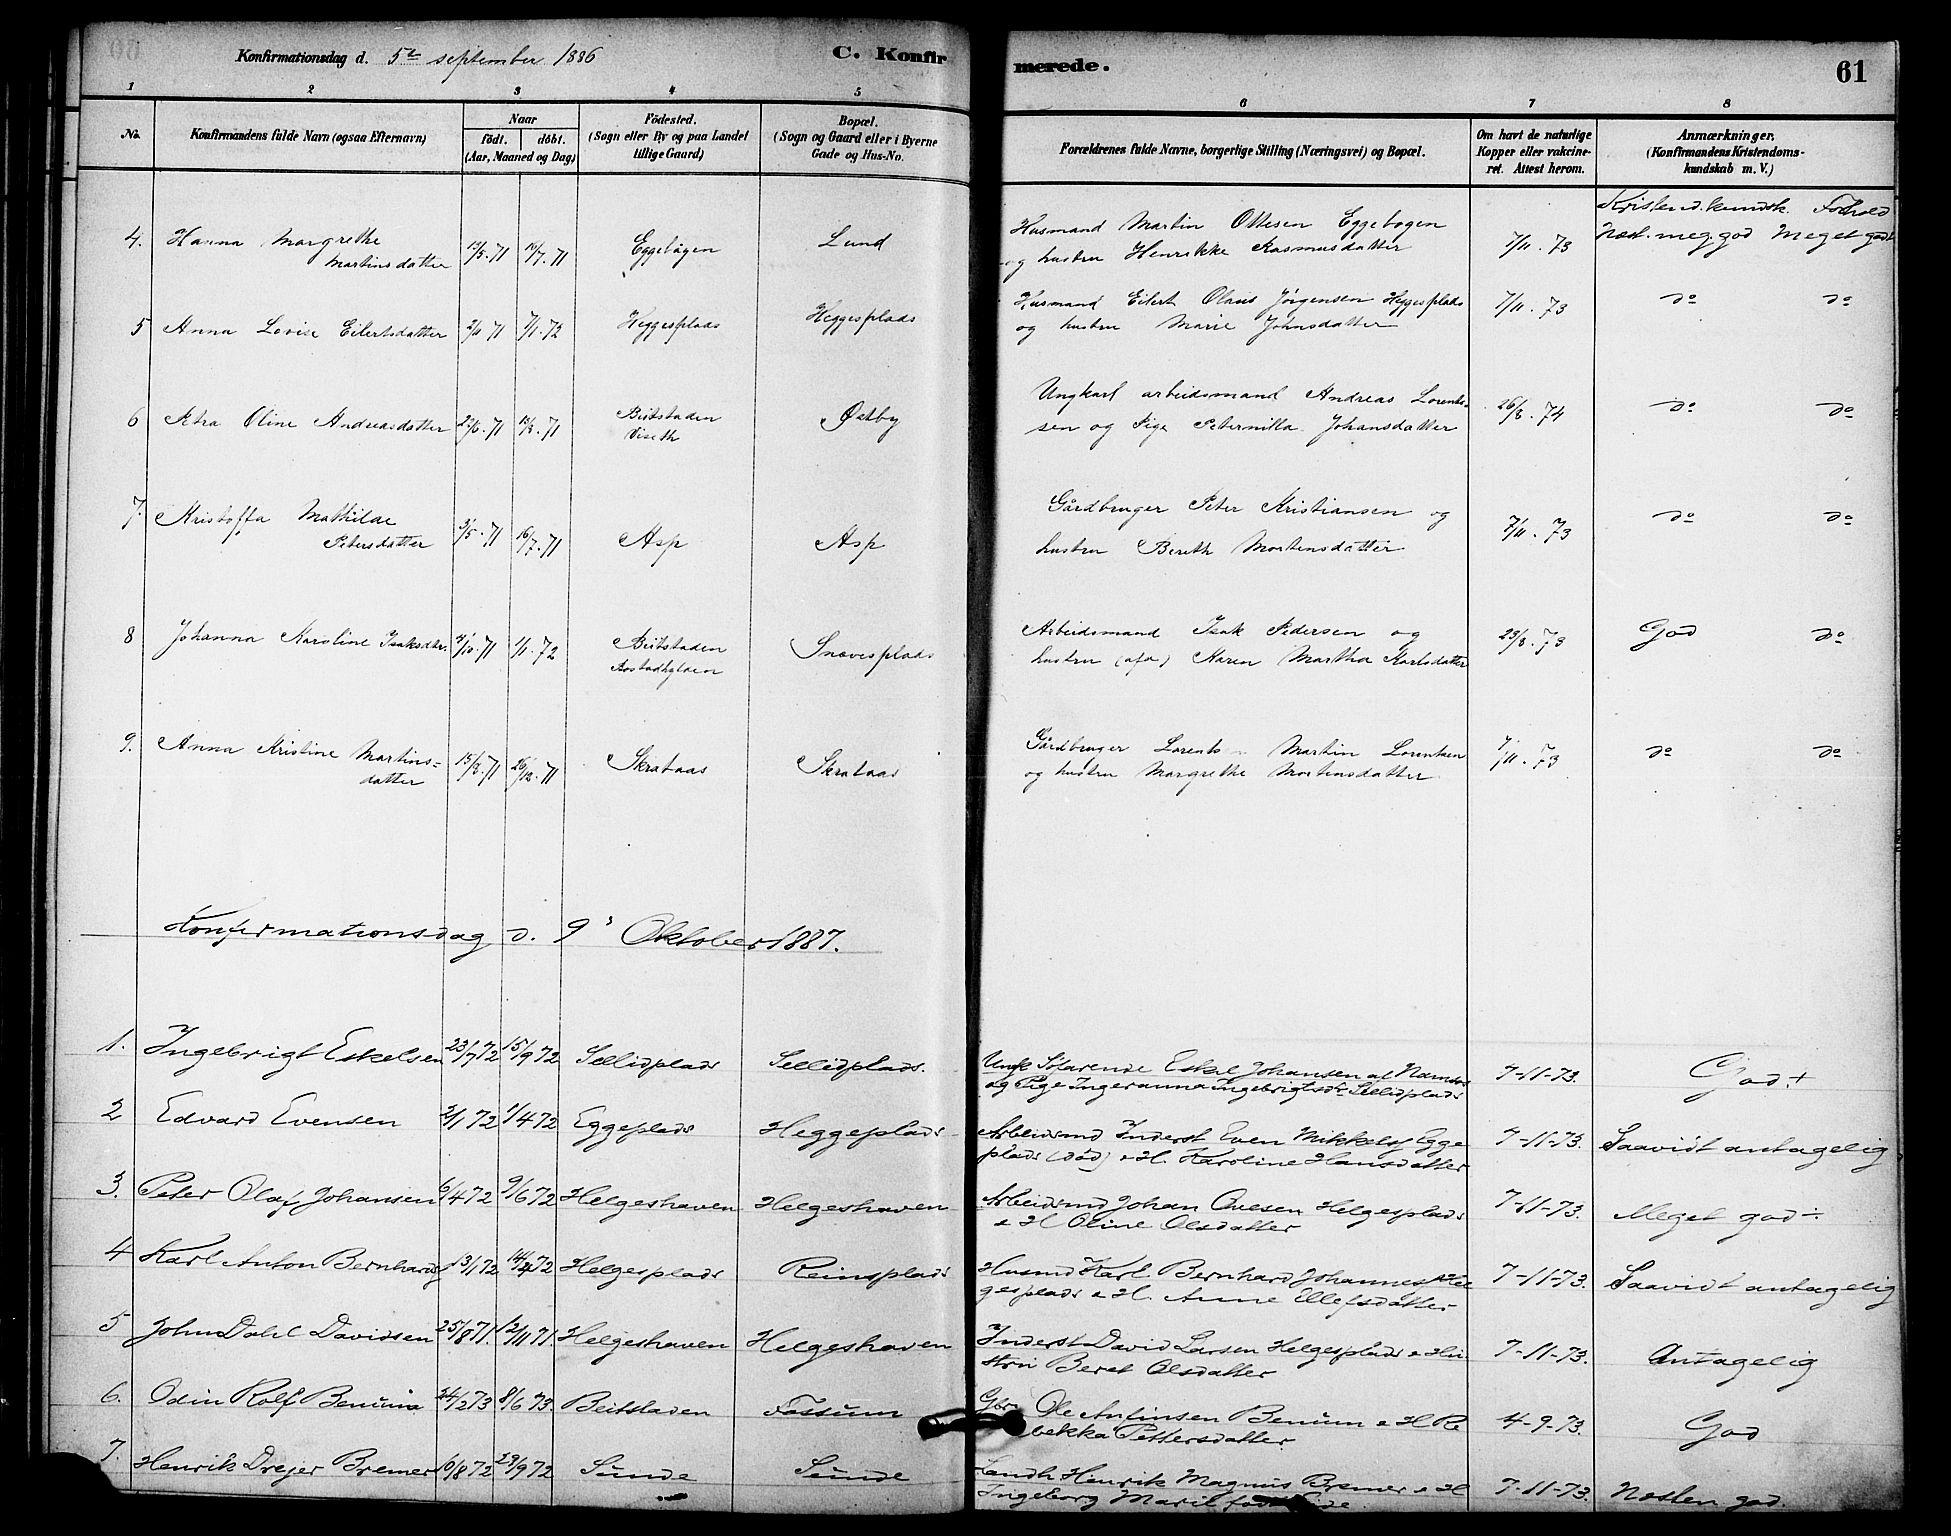 SAT, Ministerialprotokoller, klokkerbøker og fødselsregistre - Nord-Trøndelag, 740/L0378: Ministerialbok nr. 740A01, 1881-1895, s. 61